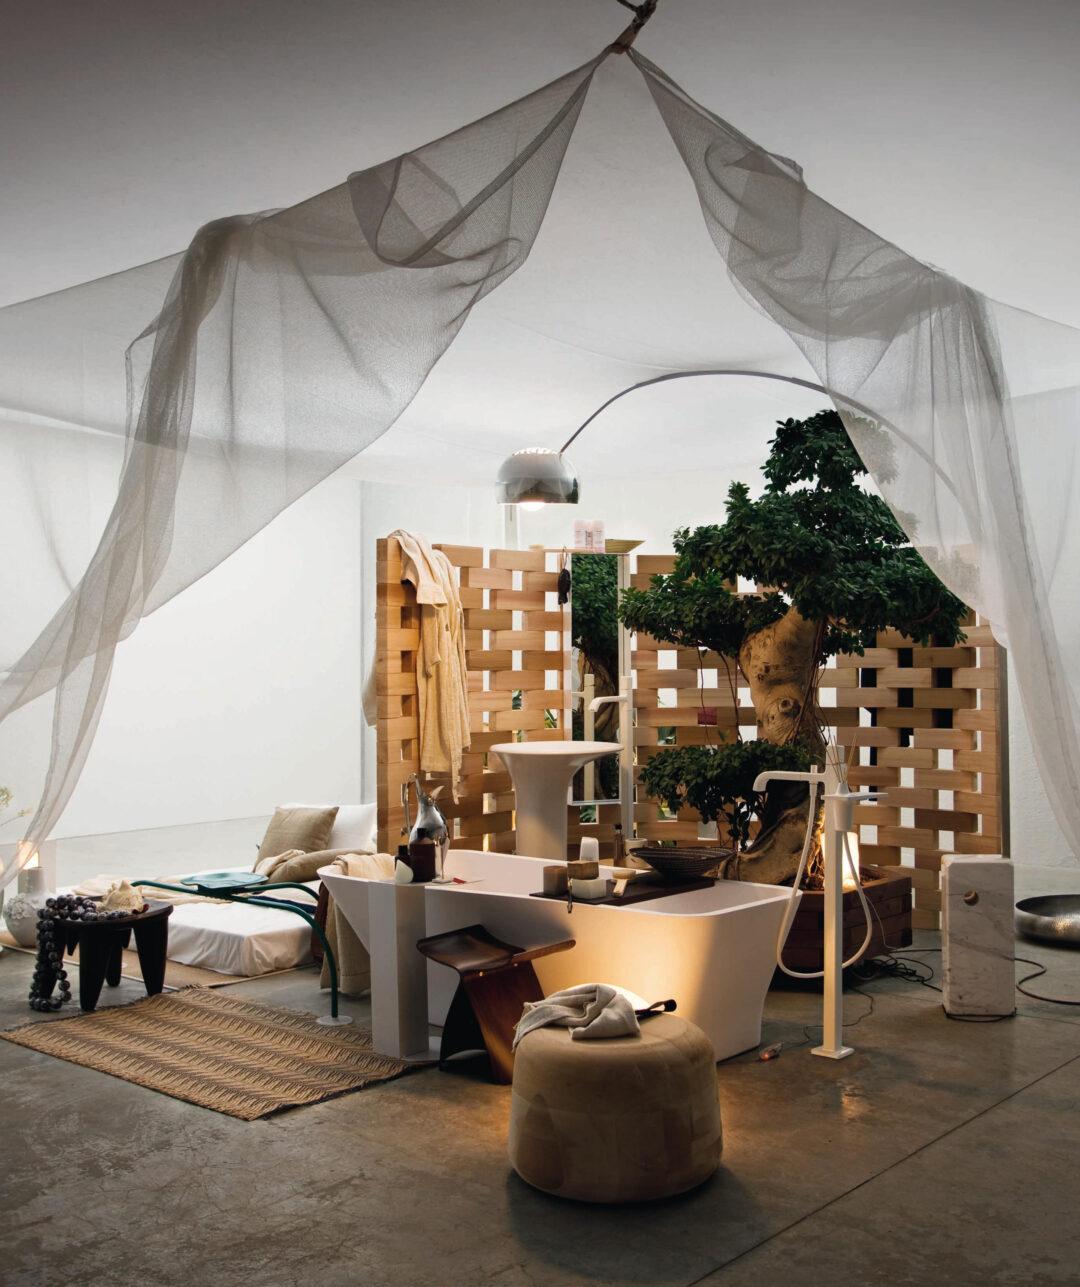 Une salle de bains contemporaine_Zucchetti